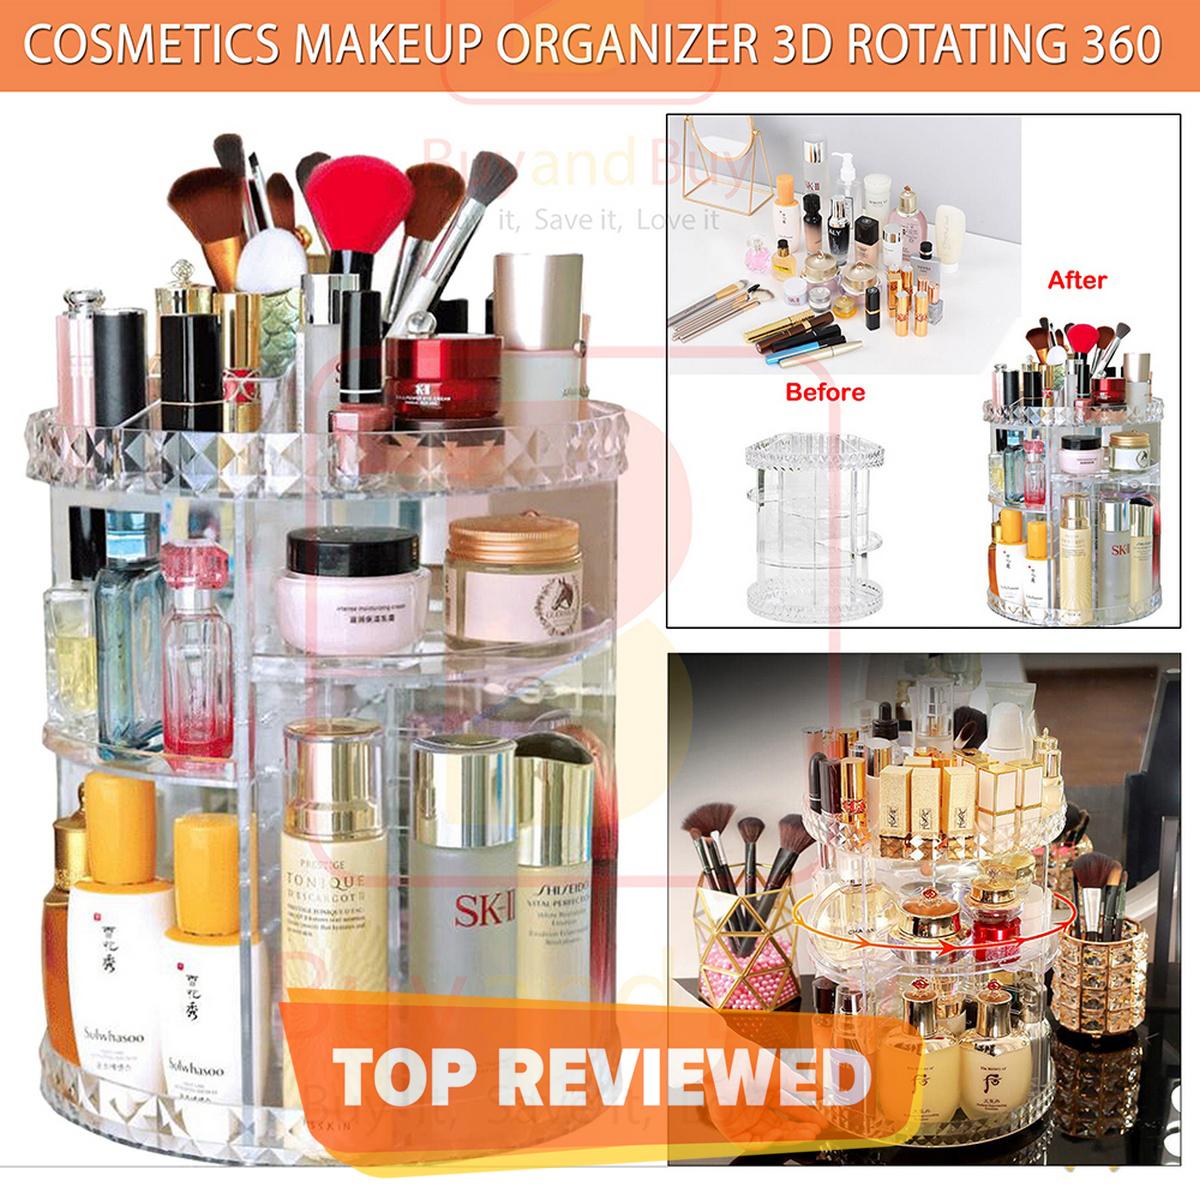 Cosmetics Makeup Organizer 3D Rotating 360